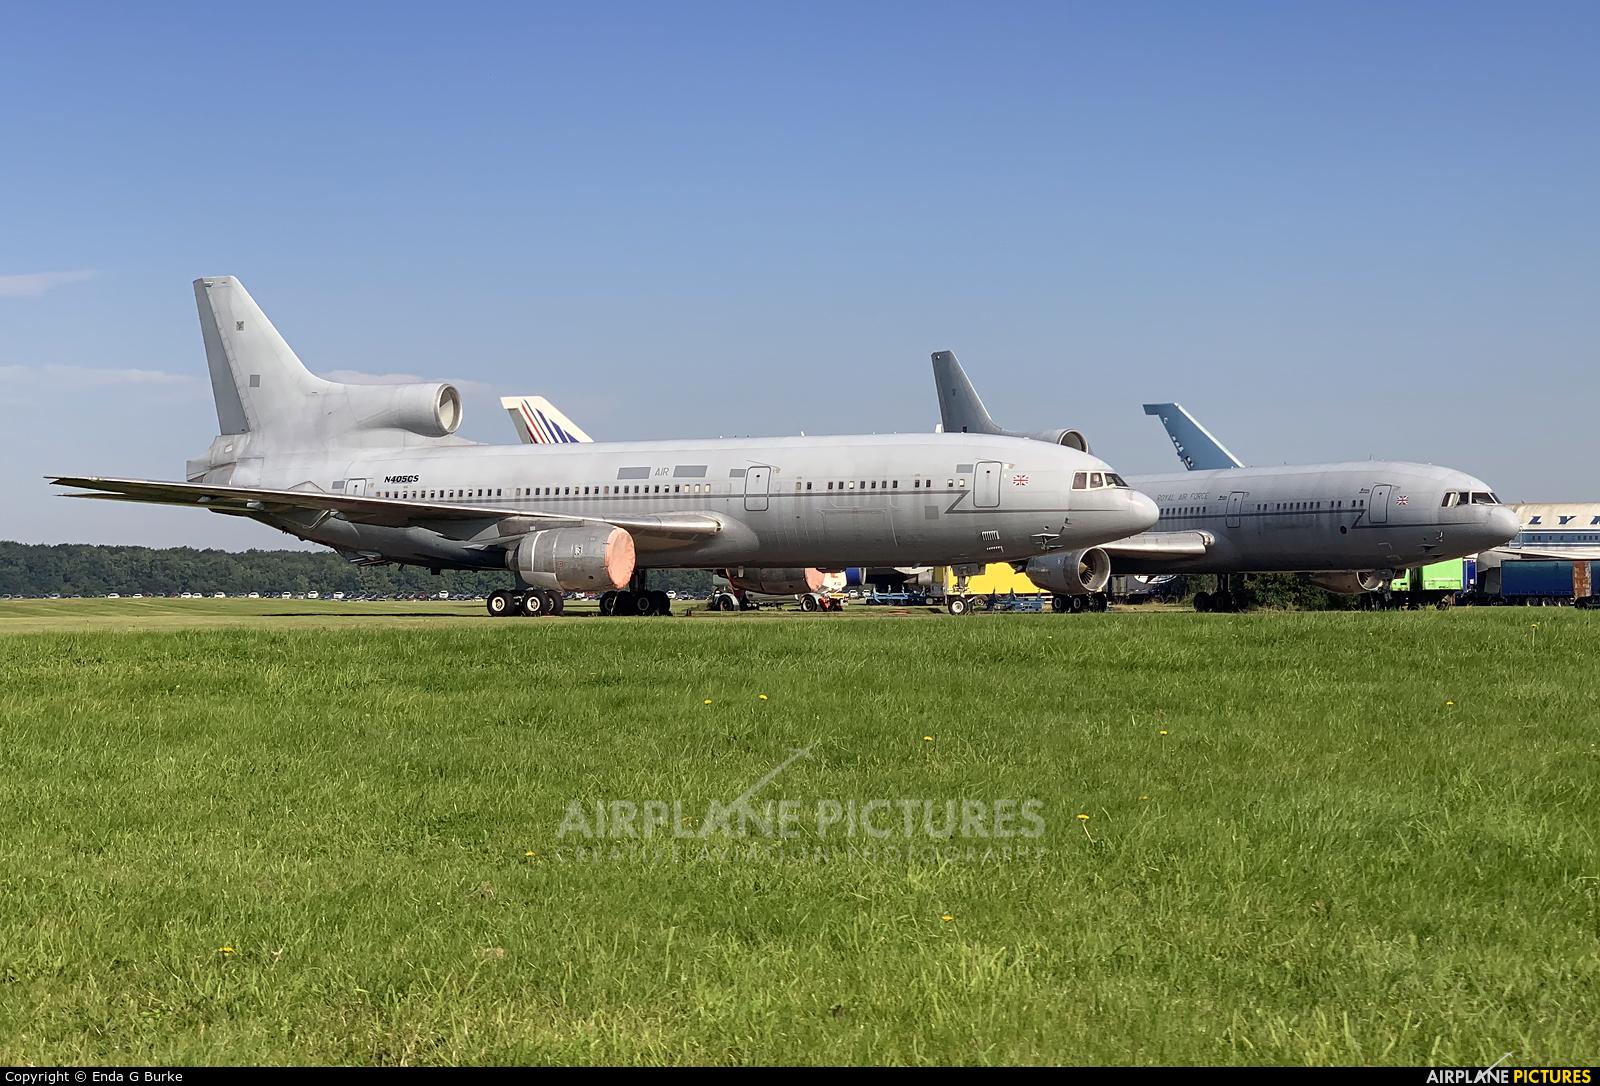 Royal Air Force ZD950 aircraft at Bruntingthorpe